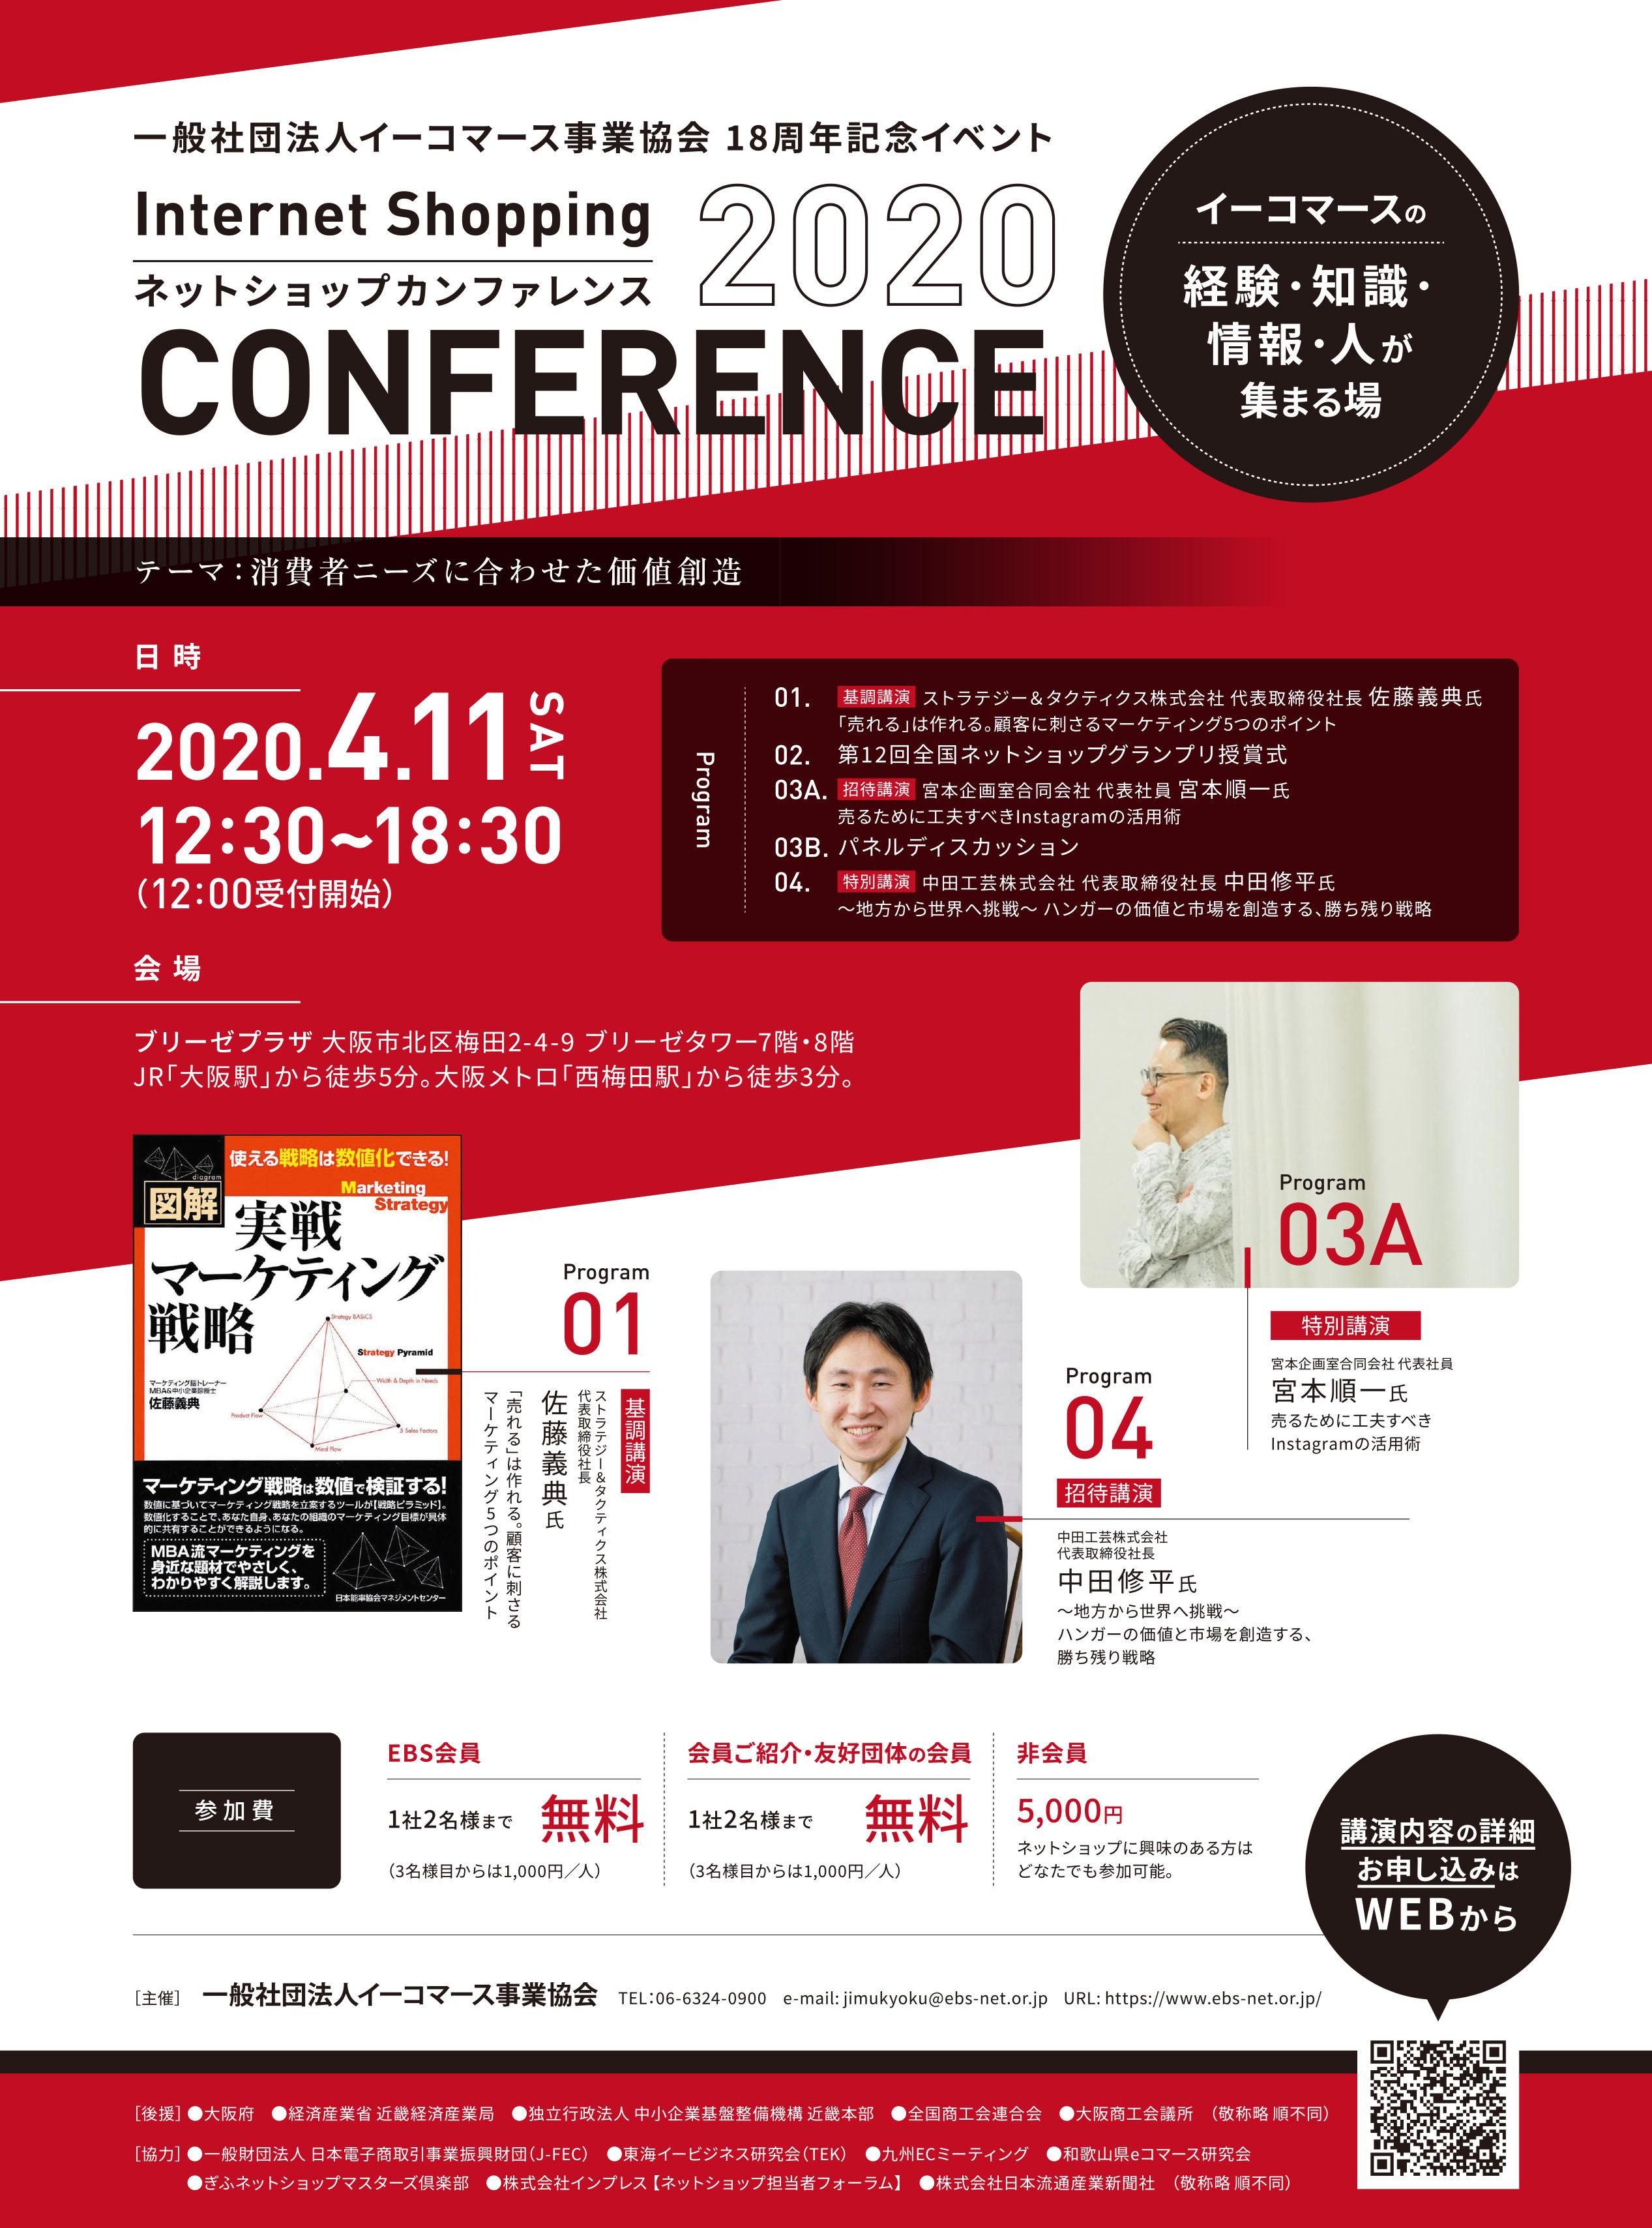 一般社団法人 イーコマース事業協会 18周年記念イベント ネットショップカンファレンス2020